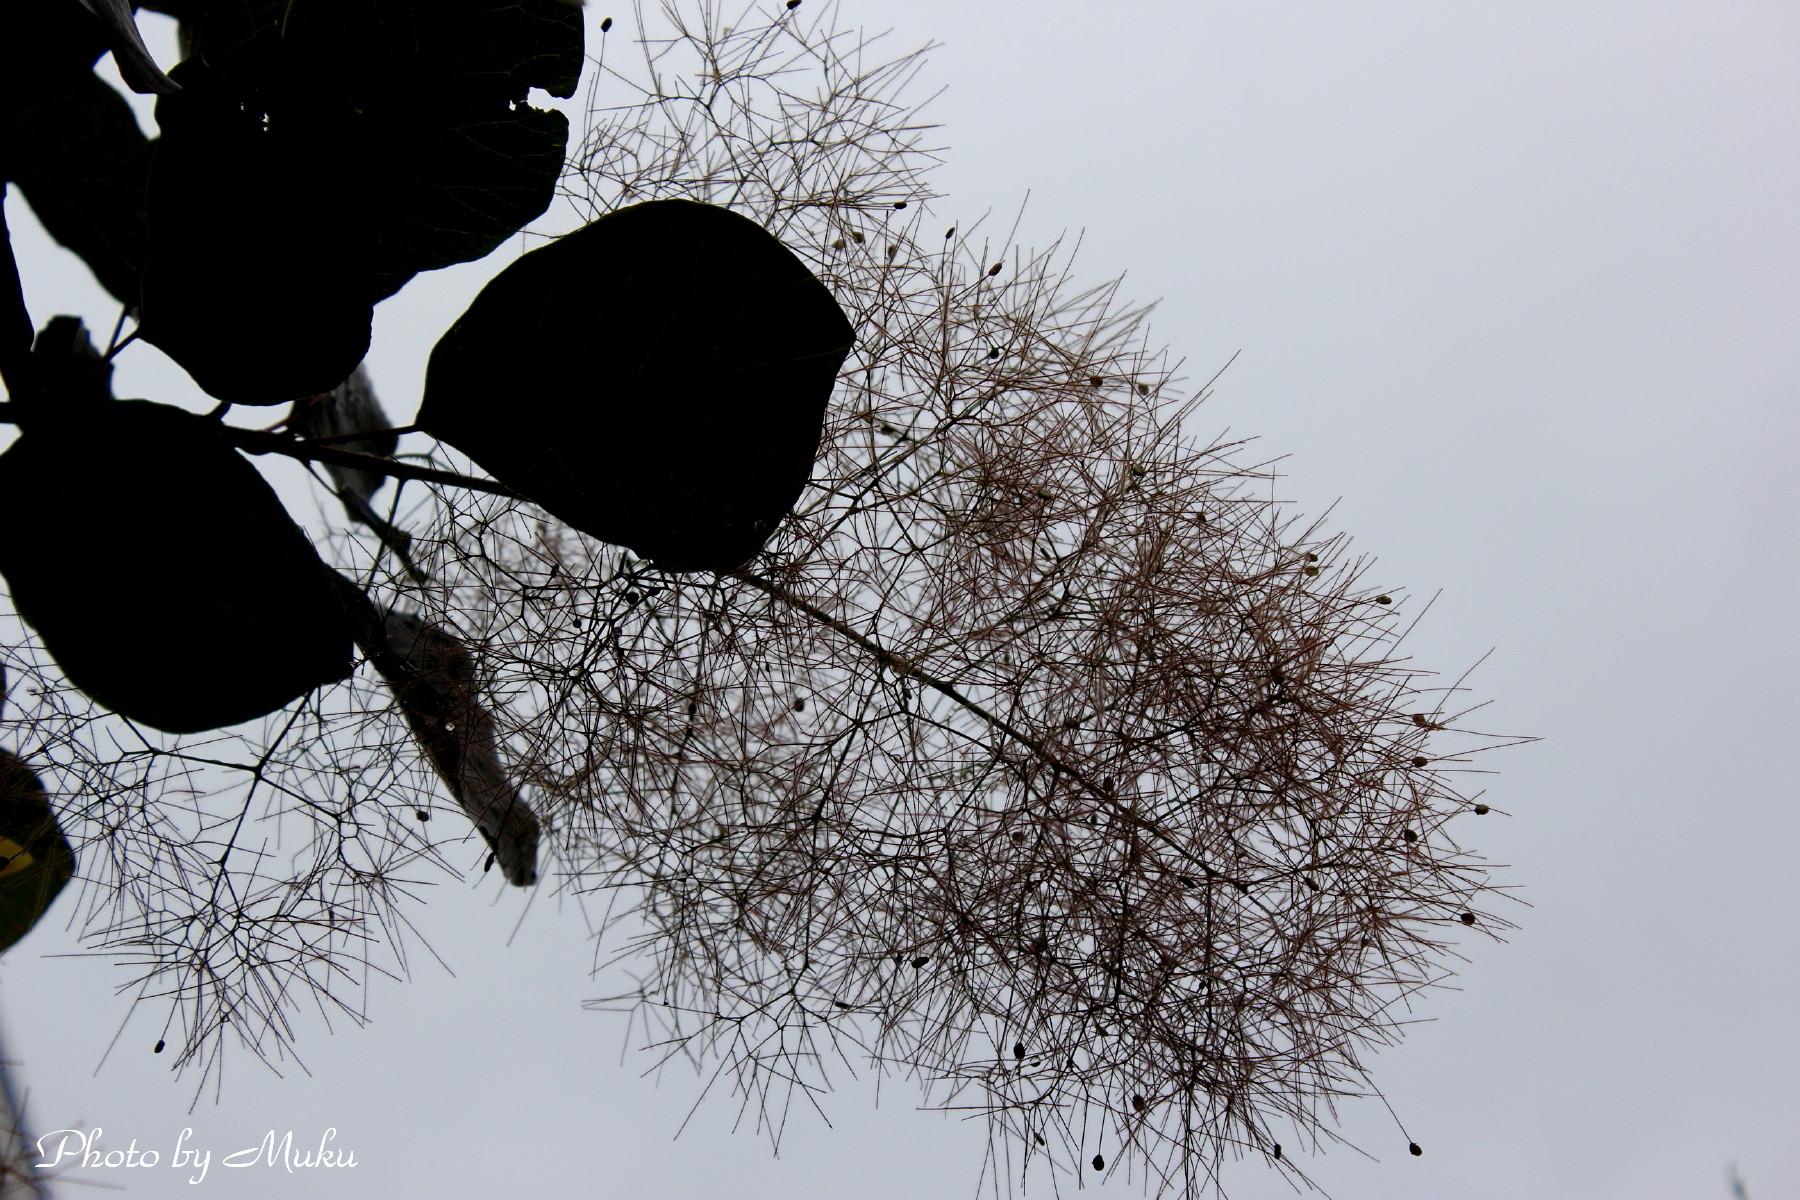 2014/06/12 煙の木の花 (散歩道:神奈川県横須賀市)